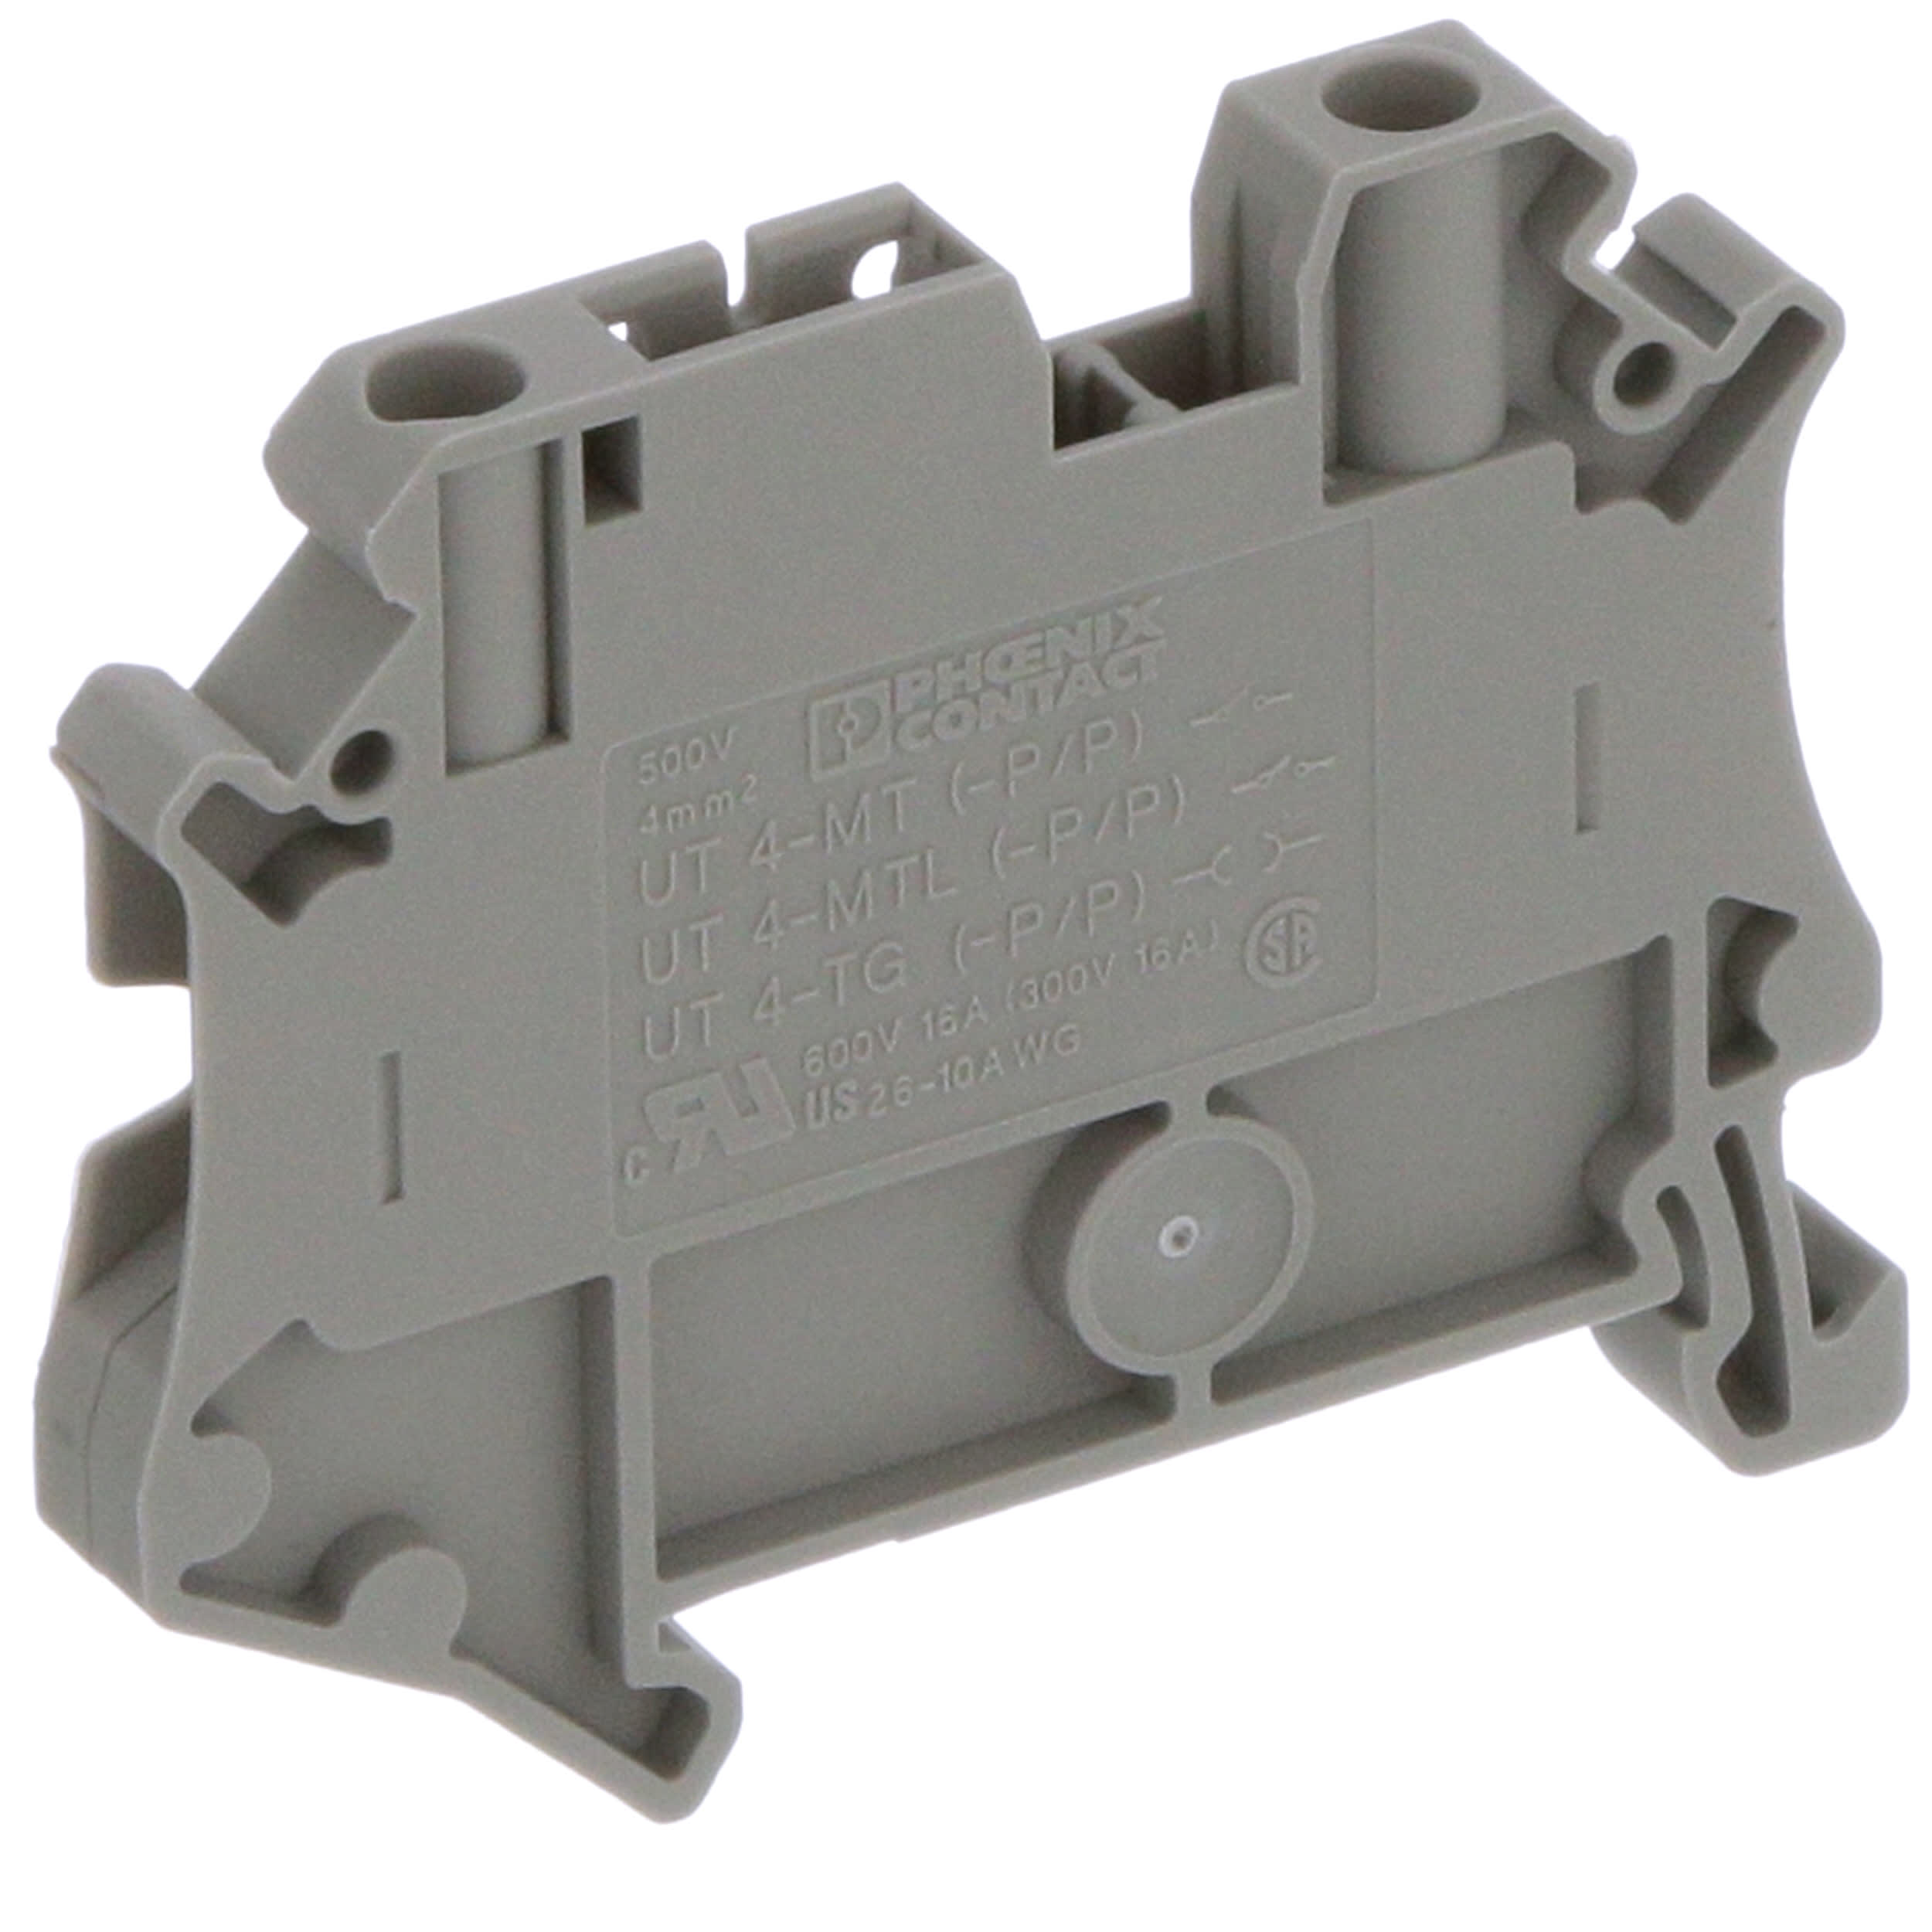 Tornillo 1.5 mm² 17.5 a Bloque terminal de montaje en carril DIN 26 AWG 2 formas 16 AWG